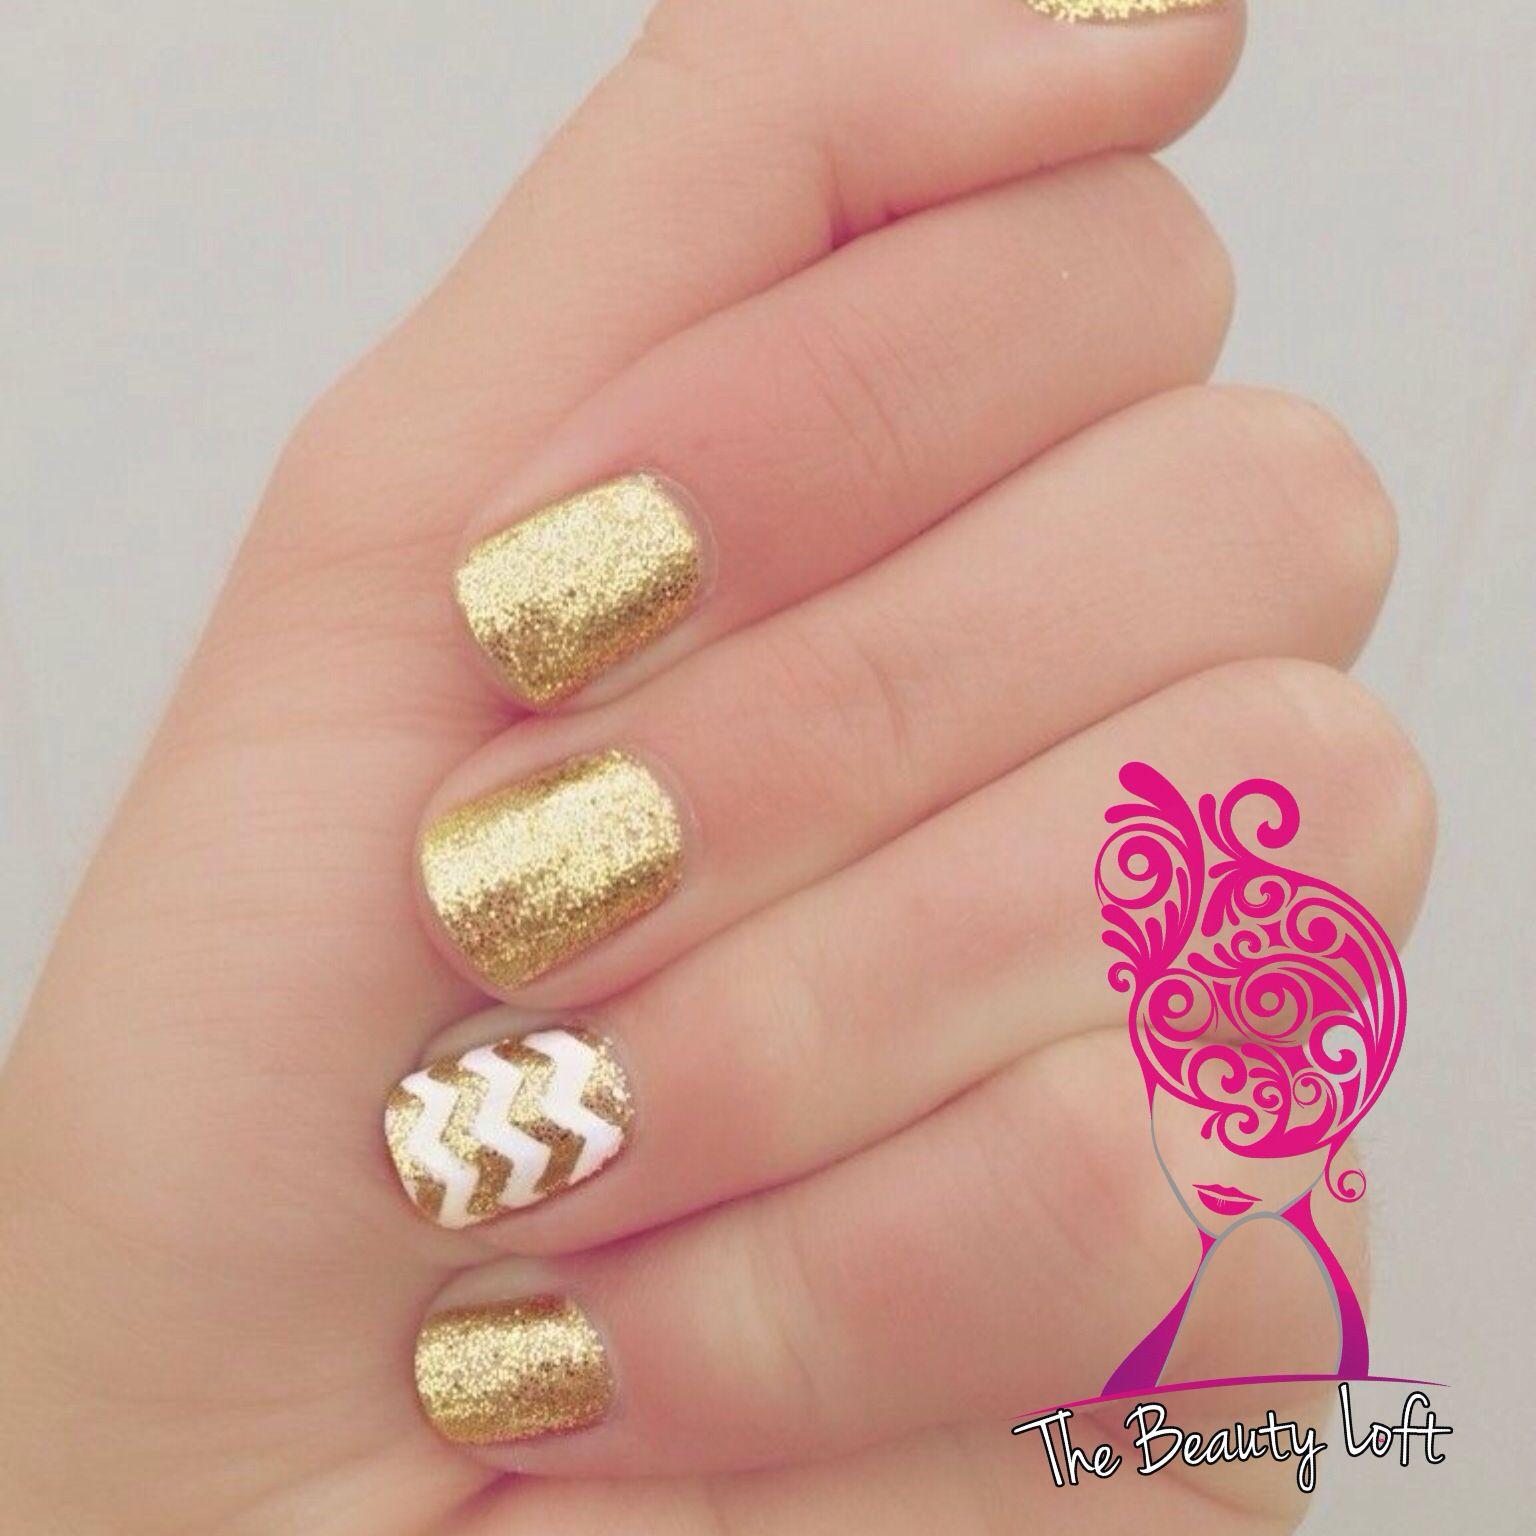 Uñas Gelish Diseños | Nails | Pinterest | Uñas gelish, Diseños de ...